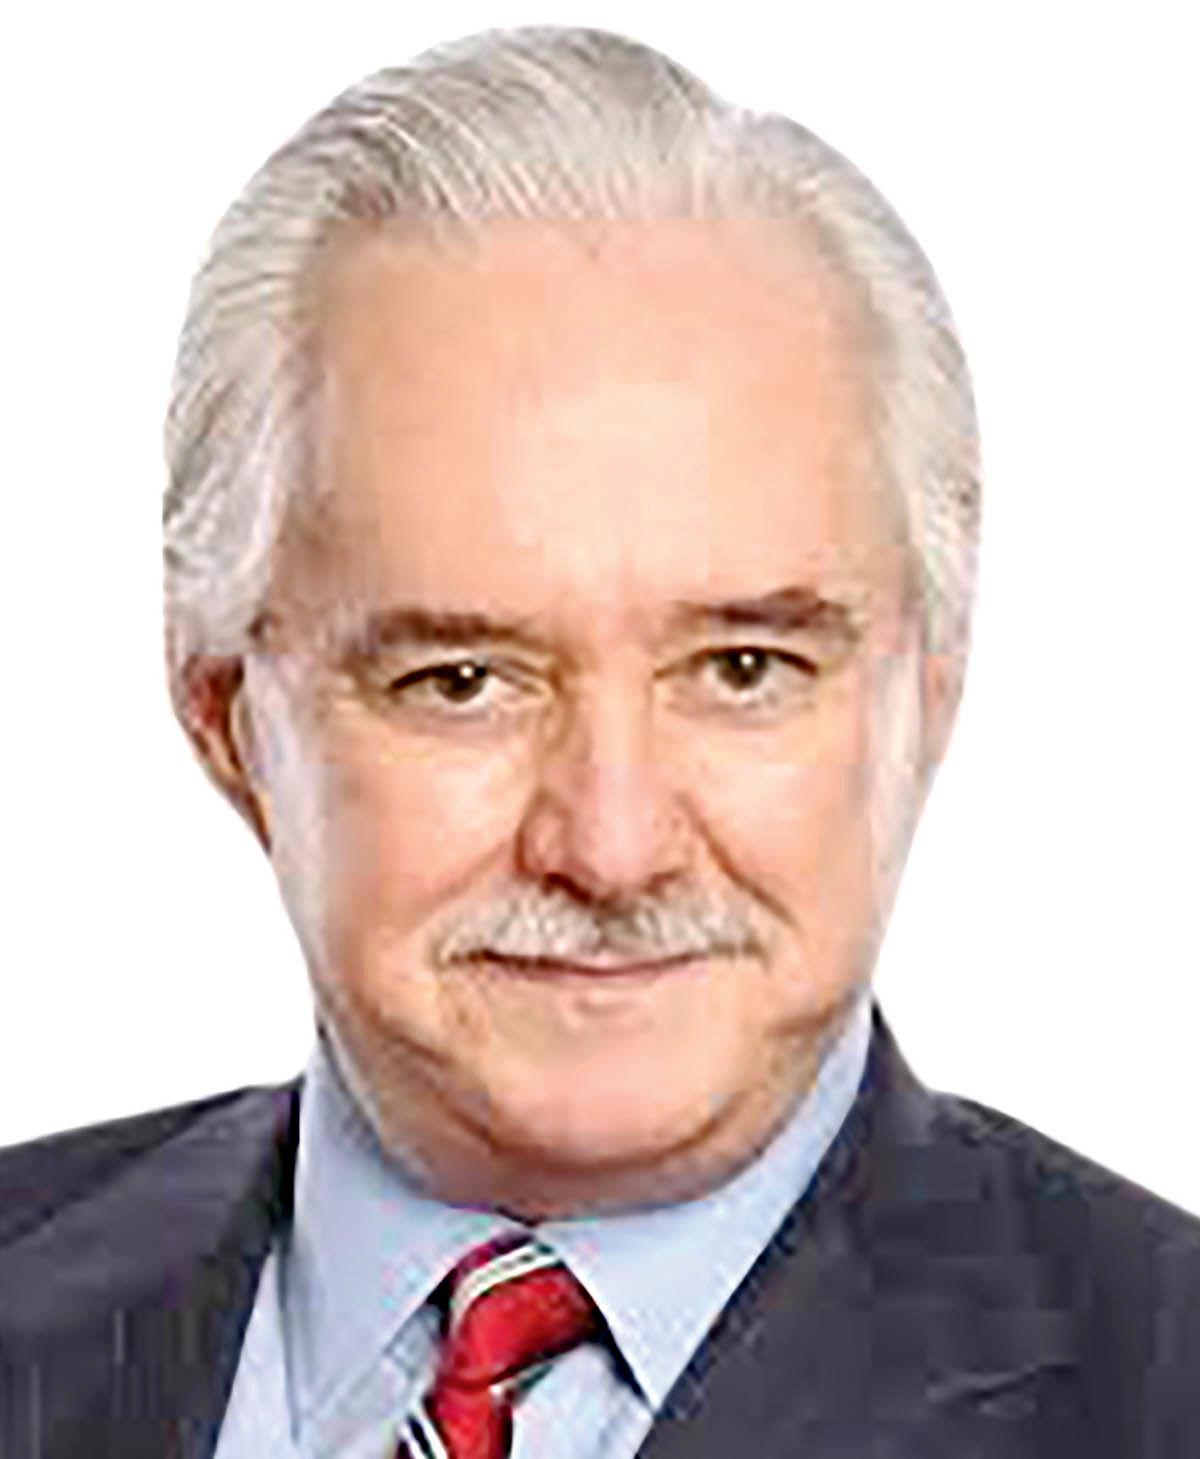 لورنزو زامبرانو بازرگان و نیکوکار مکزیکی